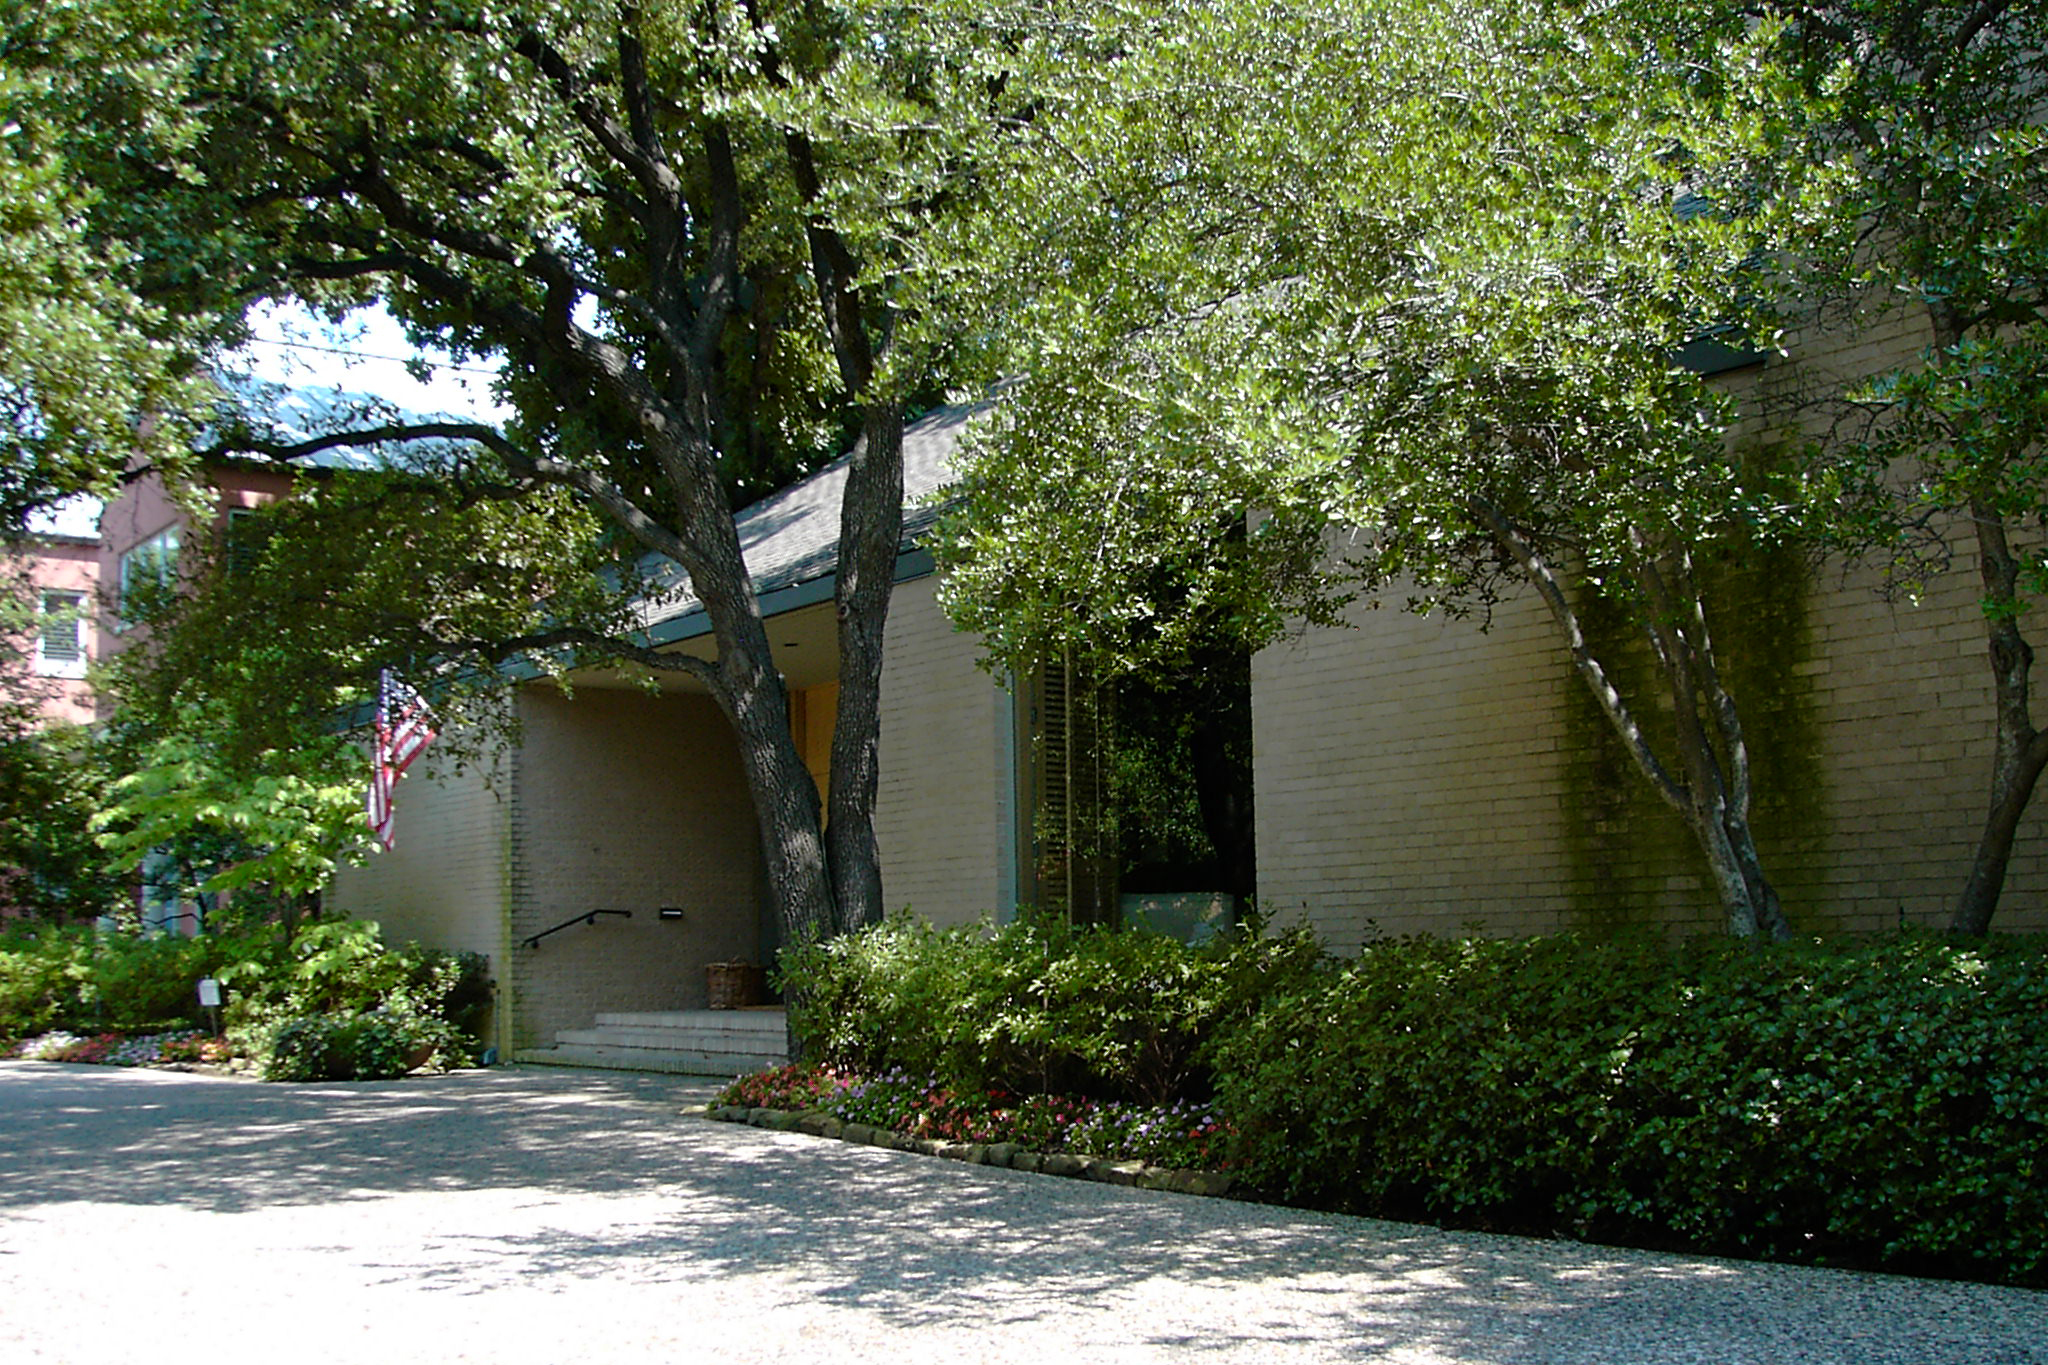 3737 Shenandoah - Wynn Residence